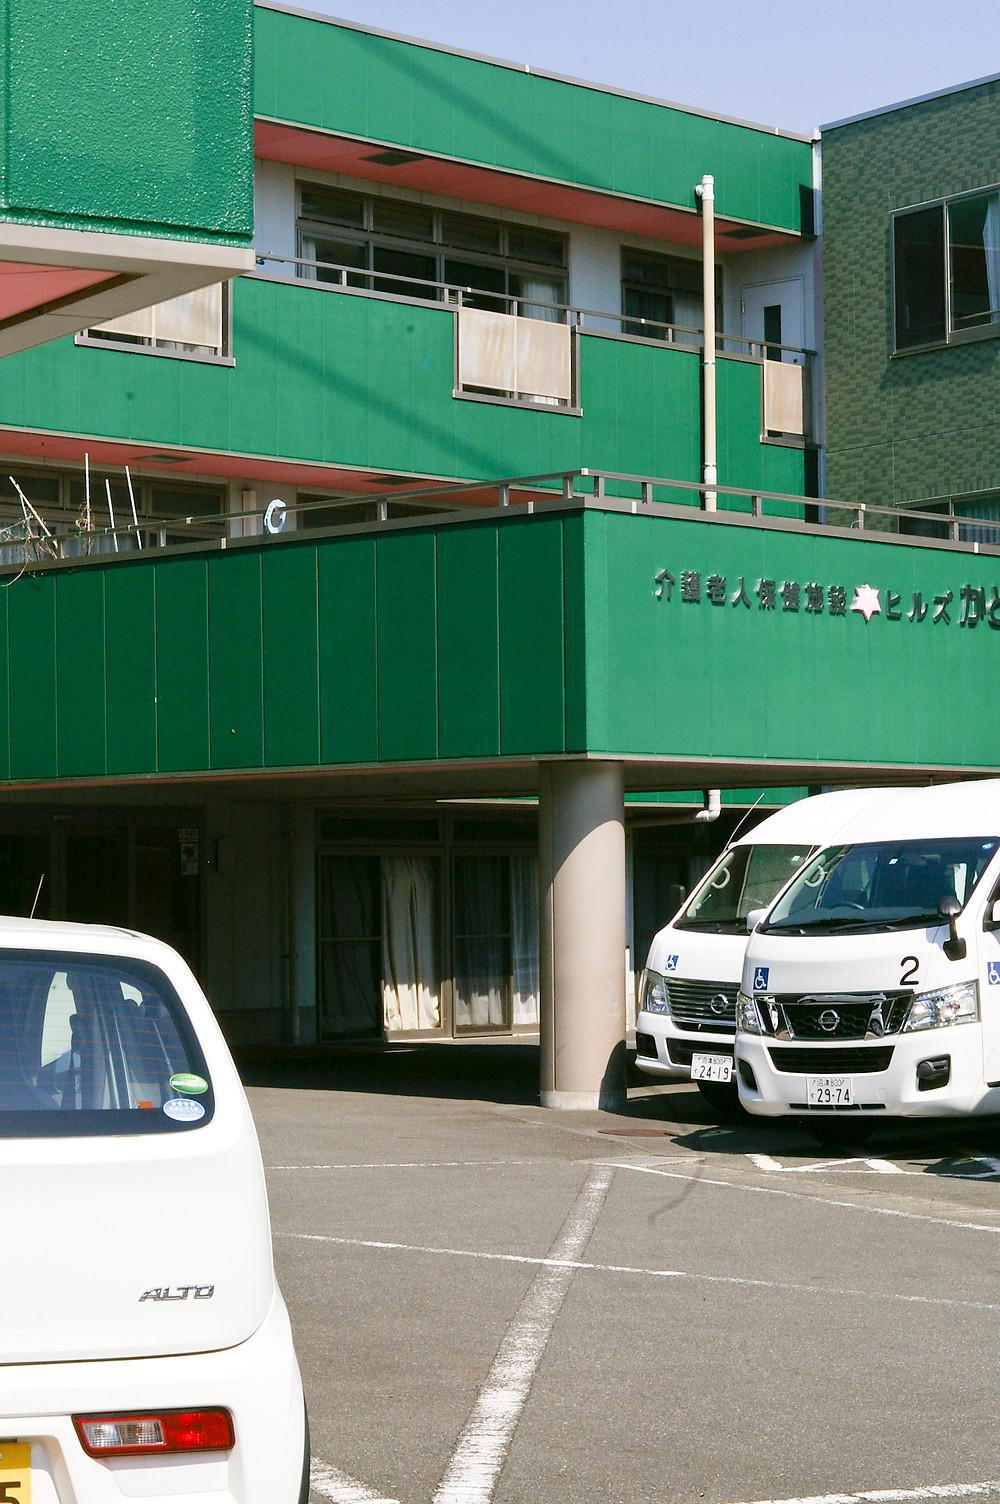 ヒルズかどいけの住所は沼津市岡一色672番地の2。ヒルズかどいけは介護老人保健施設(老健)です。